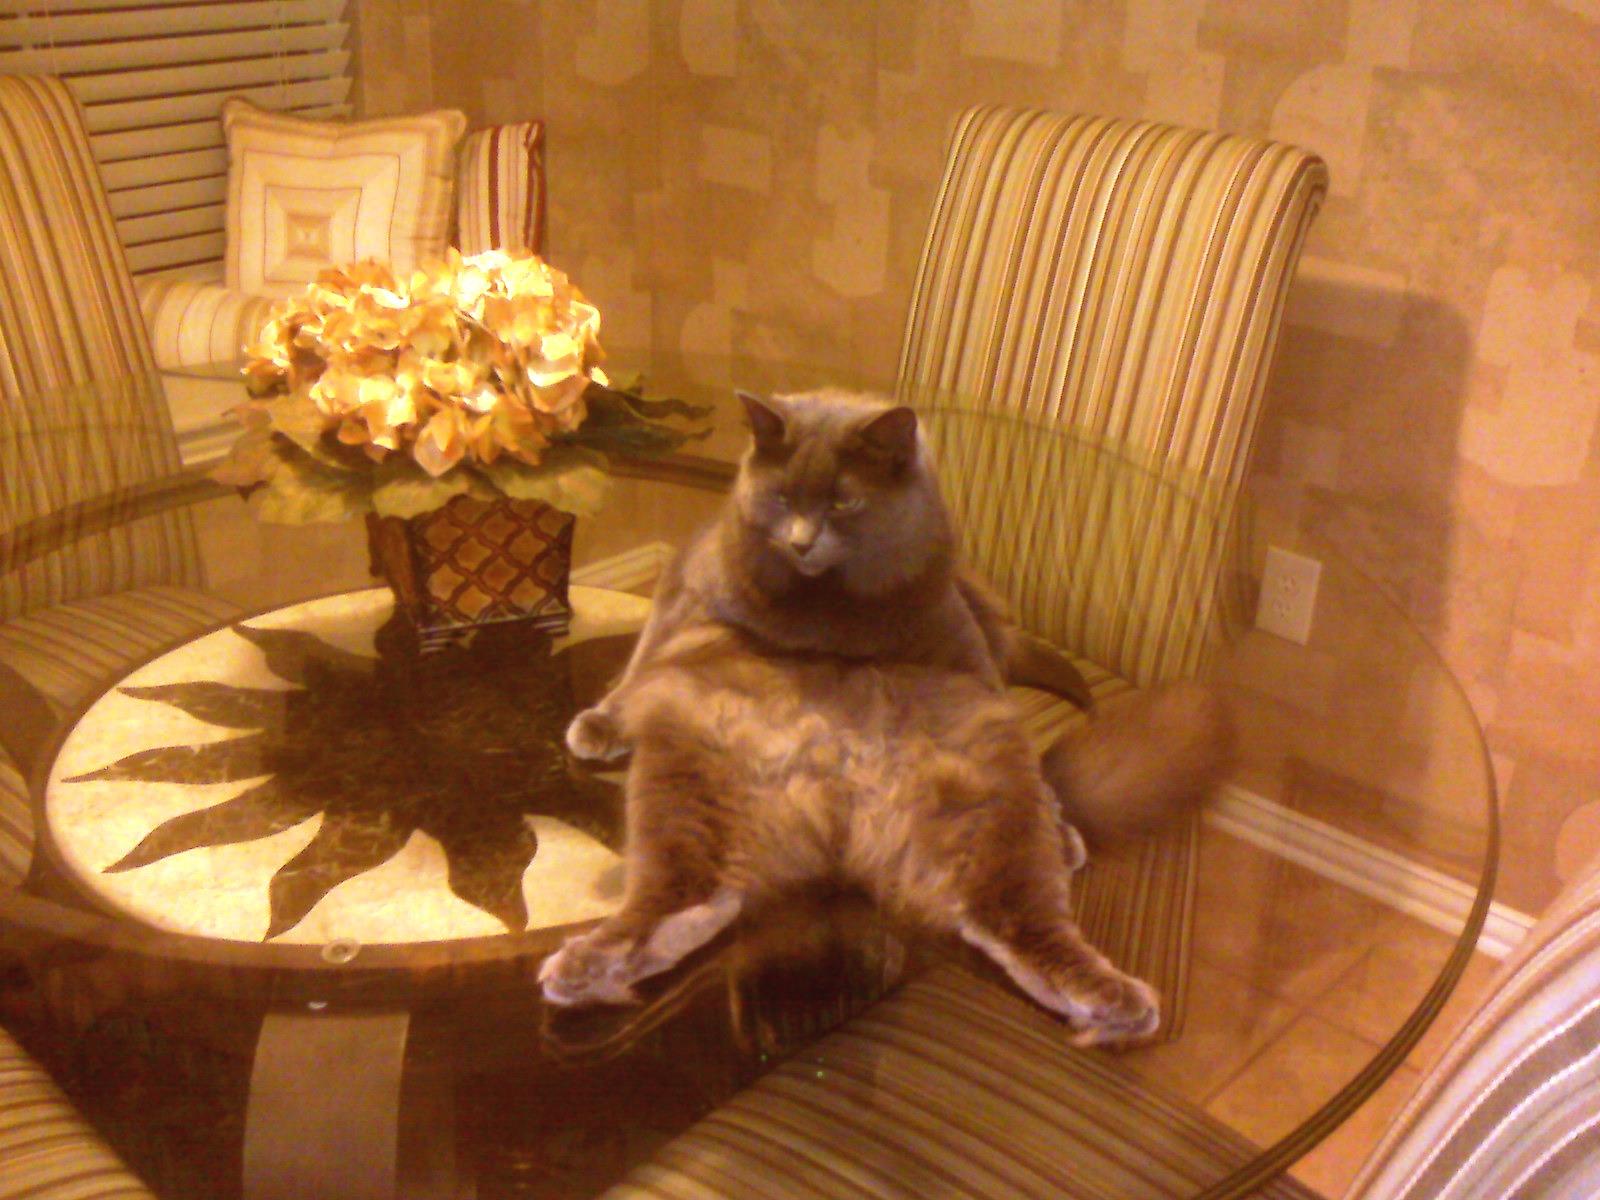 Weird Cat | Daily Foolishness